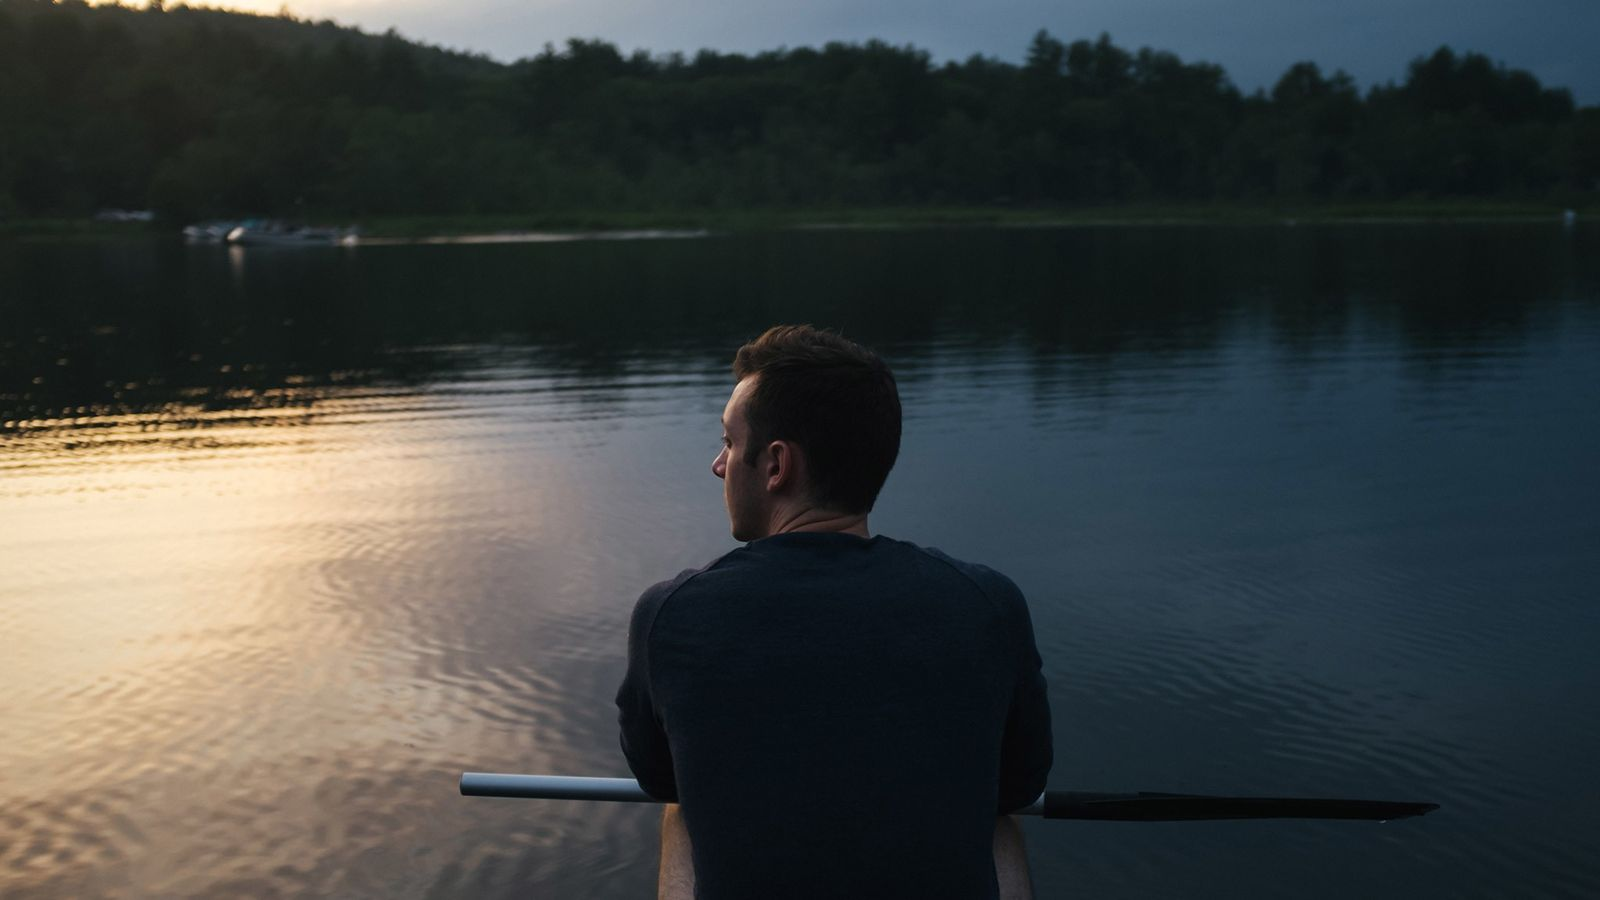 Si voyager est universel, cela peut s'avérer un peu plus compliqué pour les personnes LGBTQ+. Michael George, photographe, ...